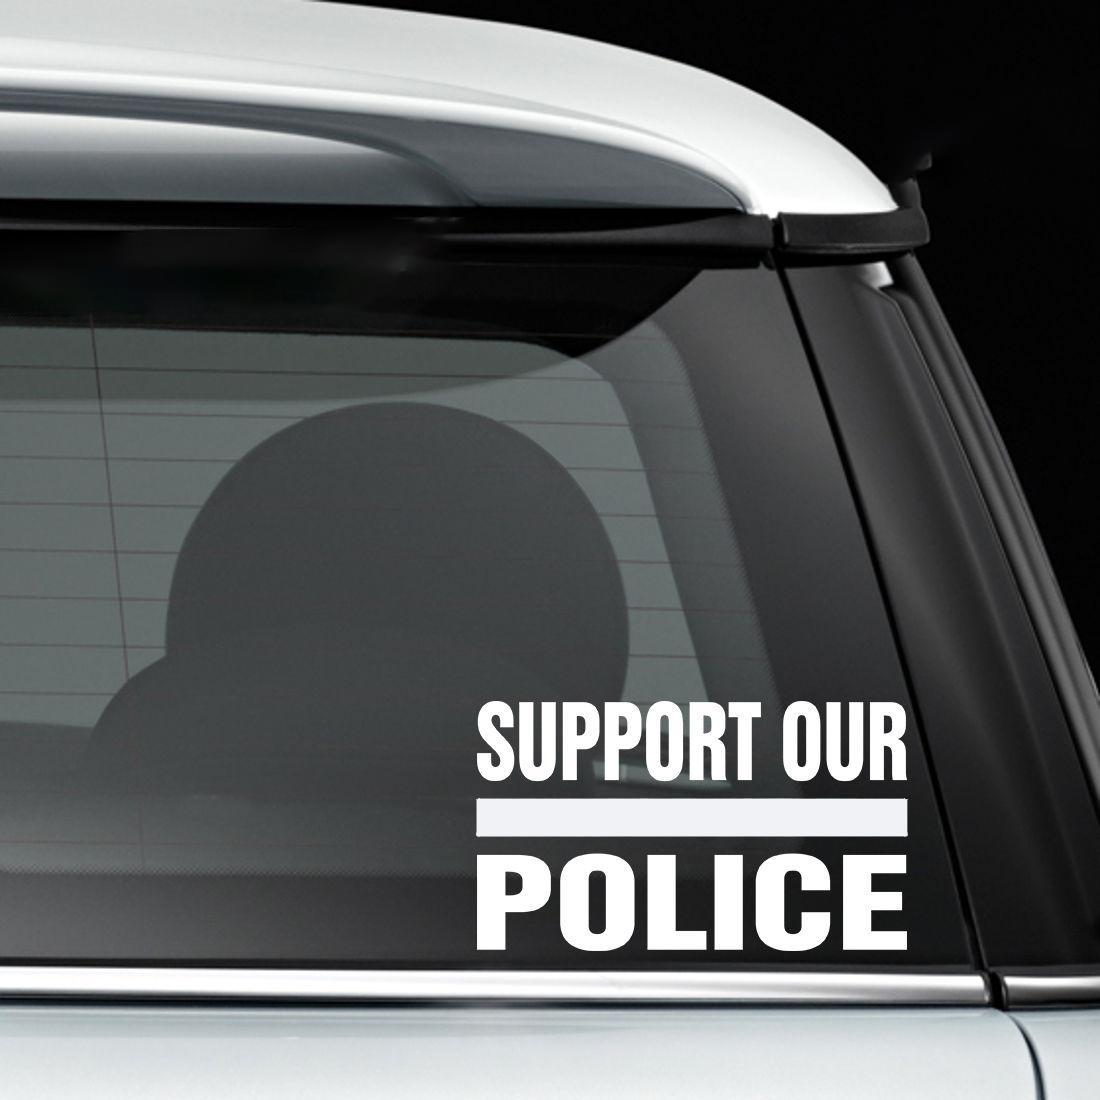 15 88 Cm Unterstützung Unserer Polizei Mit Dünnen Linie Streifen Interessantes Autozubehör Auto Fenster Aufkleber Aufkleber Cops